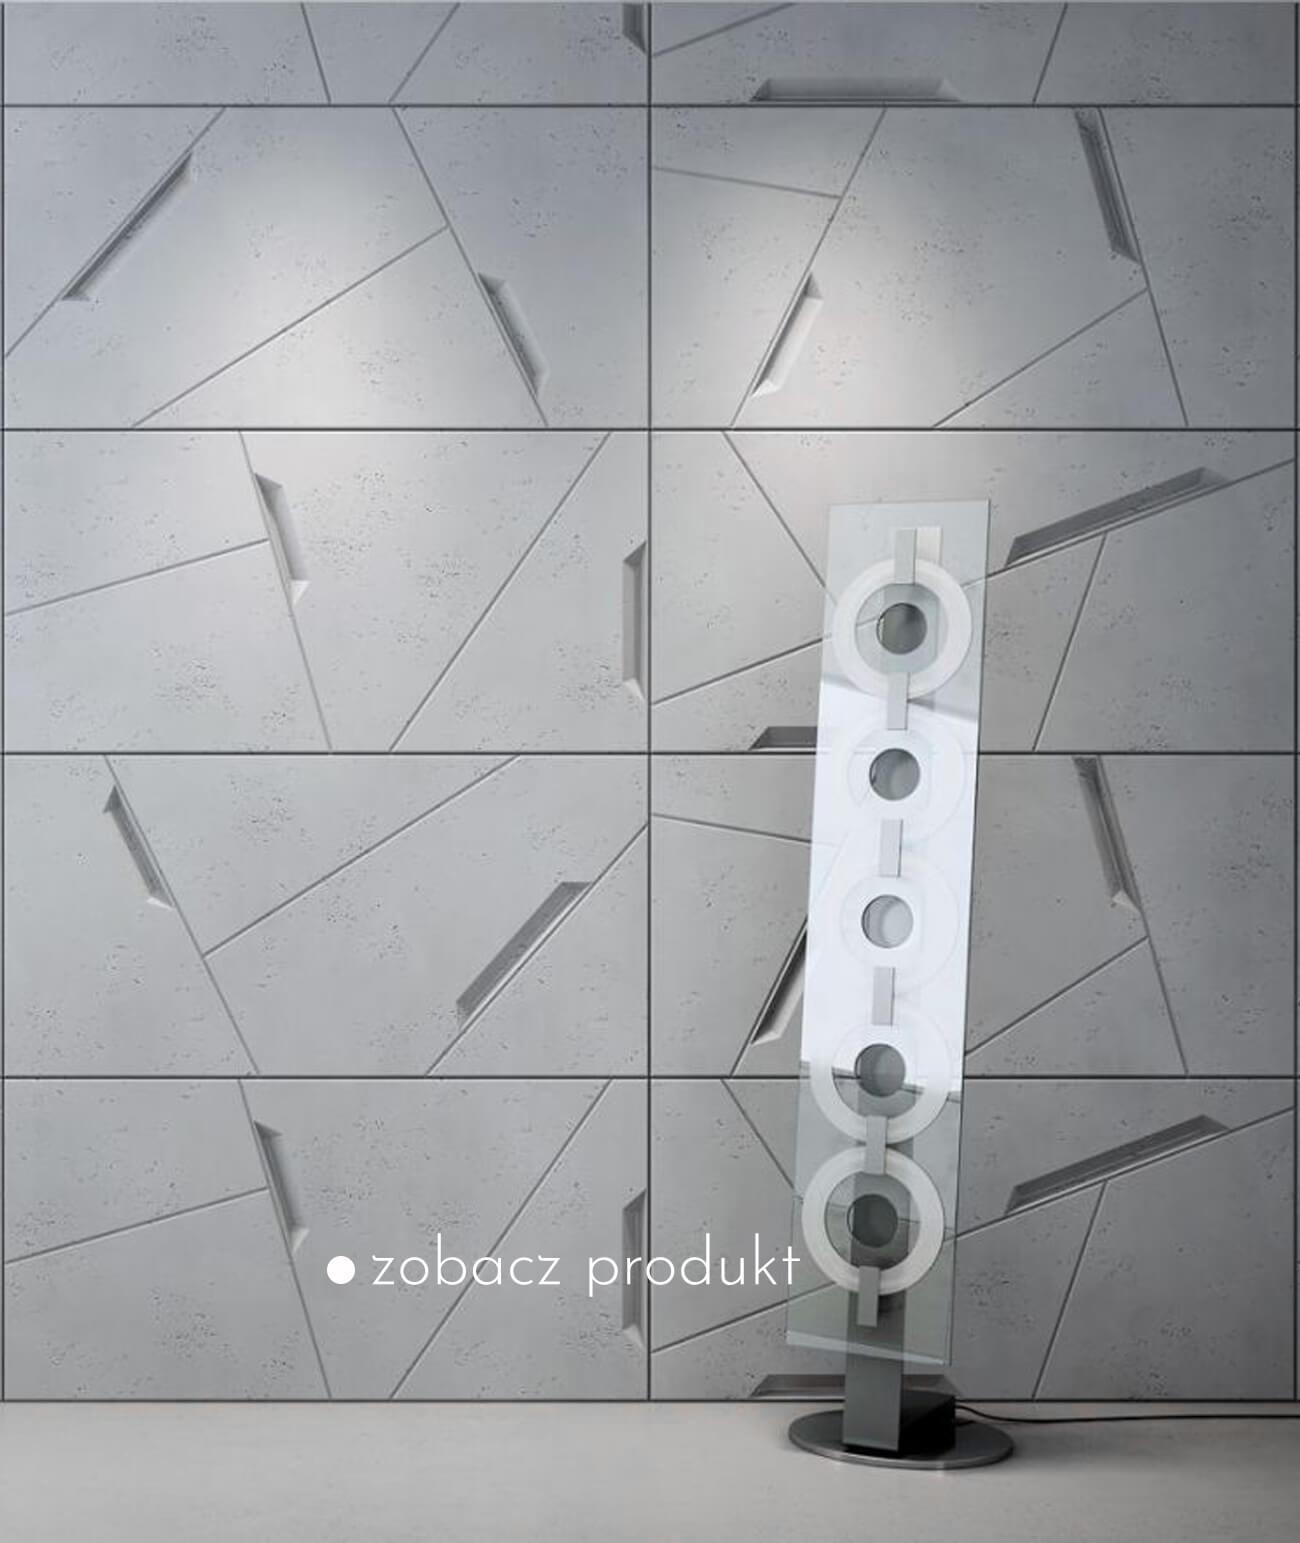 panele-betonowe-3d-scienne-i-elewacyjne-beton-architektoniczny_519-2834-pb18-s95-jasny-szary-golabkowy-space---panel-dekor-3d-beton-architektoniczny-panel-scienny